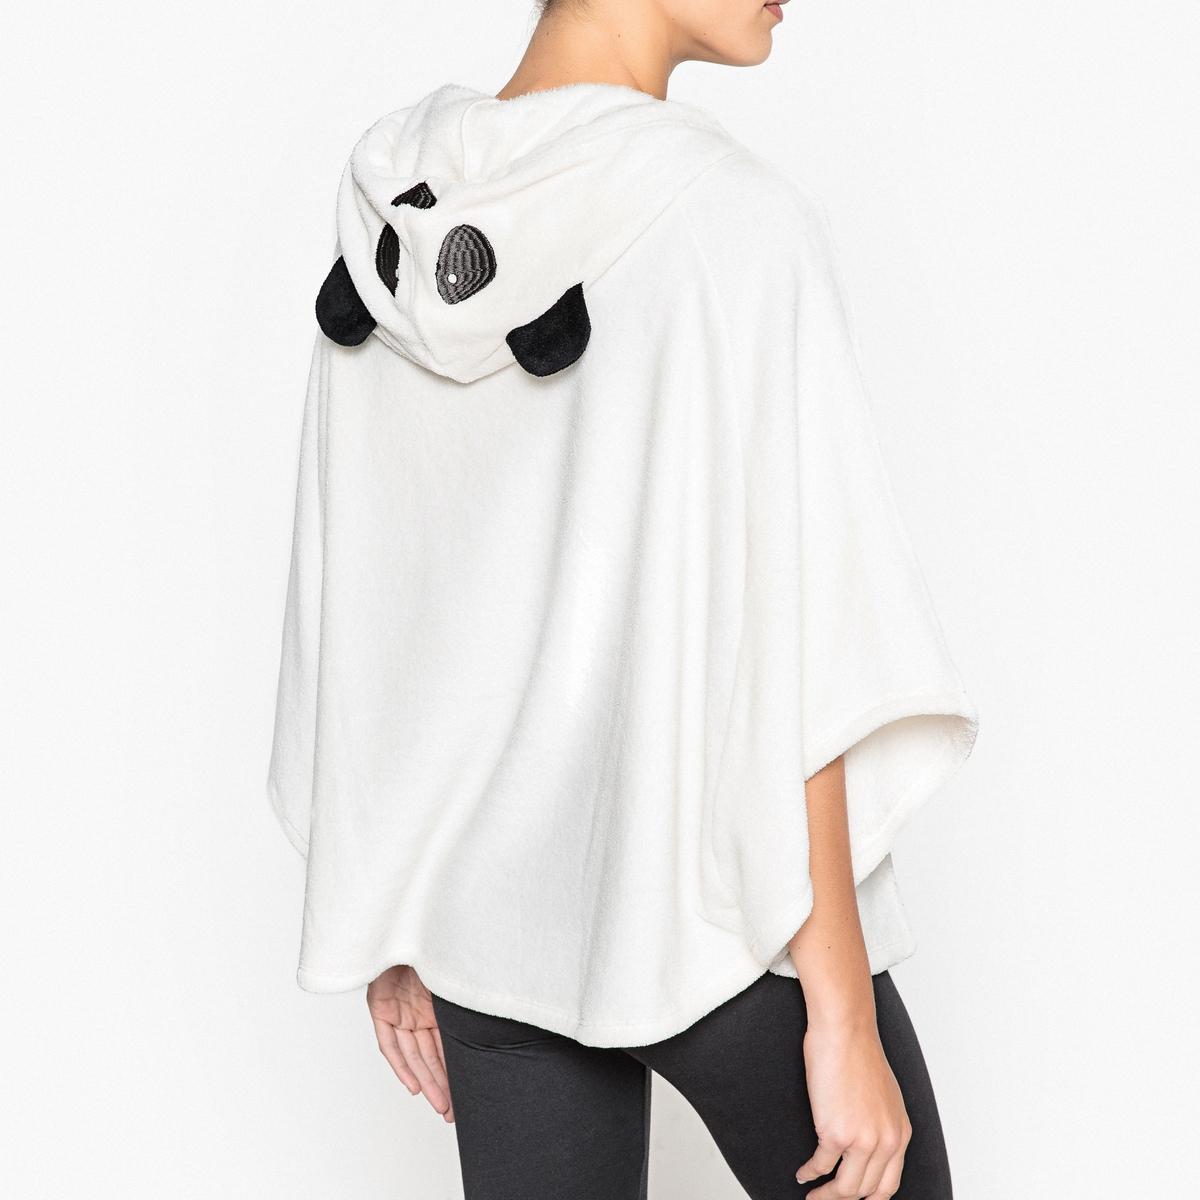 Пончо из флисаПончо в этом сезоне в почете и это очень кстати, так как у Вас есть возможность закутаться в это красивое пончо с капюшоном панда, карманом и помпонами!Состав и описаниеПончо с карманом спереди. Капюшон с ушками. Завязки с помпонамиМатериал : 100% полиэстерРазмеры : 70 смУход : Стирать с вещами схожих цветов..Стирать и сушить с изнаночной стороны<br><br>Цвет: белый<br>Размер: 42/44 (FR) - 48/50 (RUS).38/40 (FR) - 44/46 (RUS)